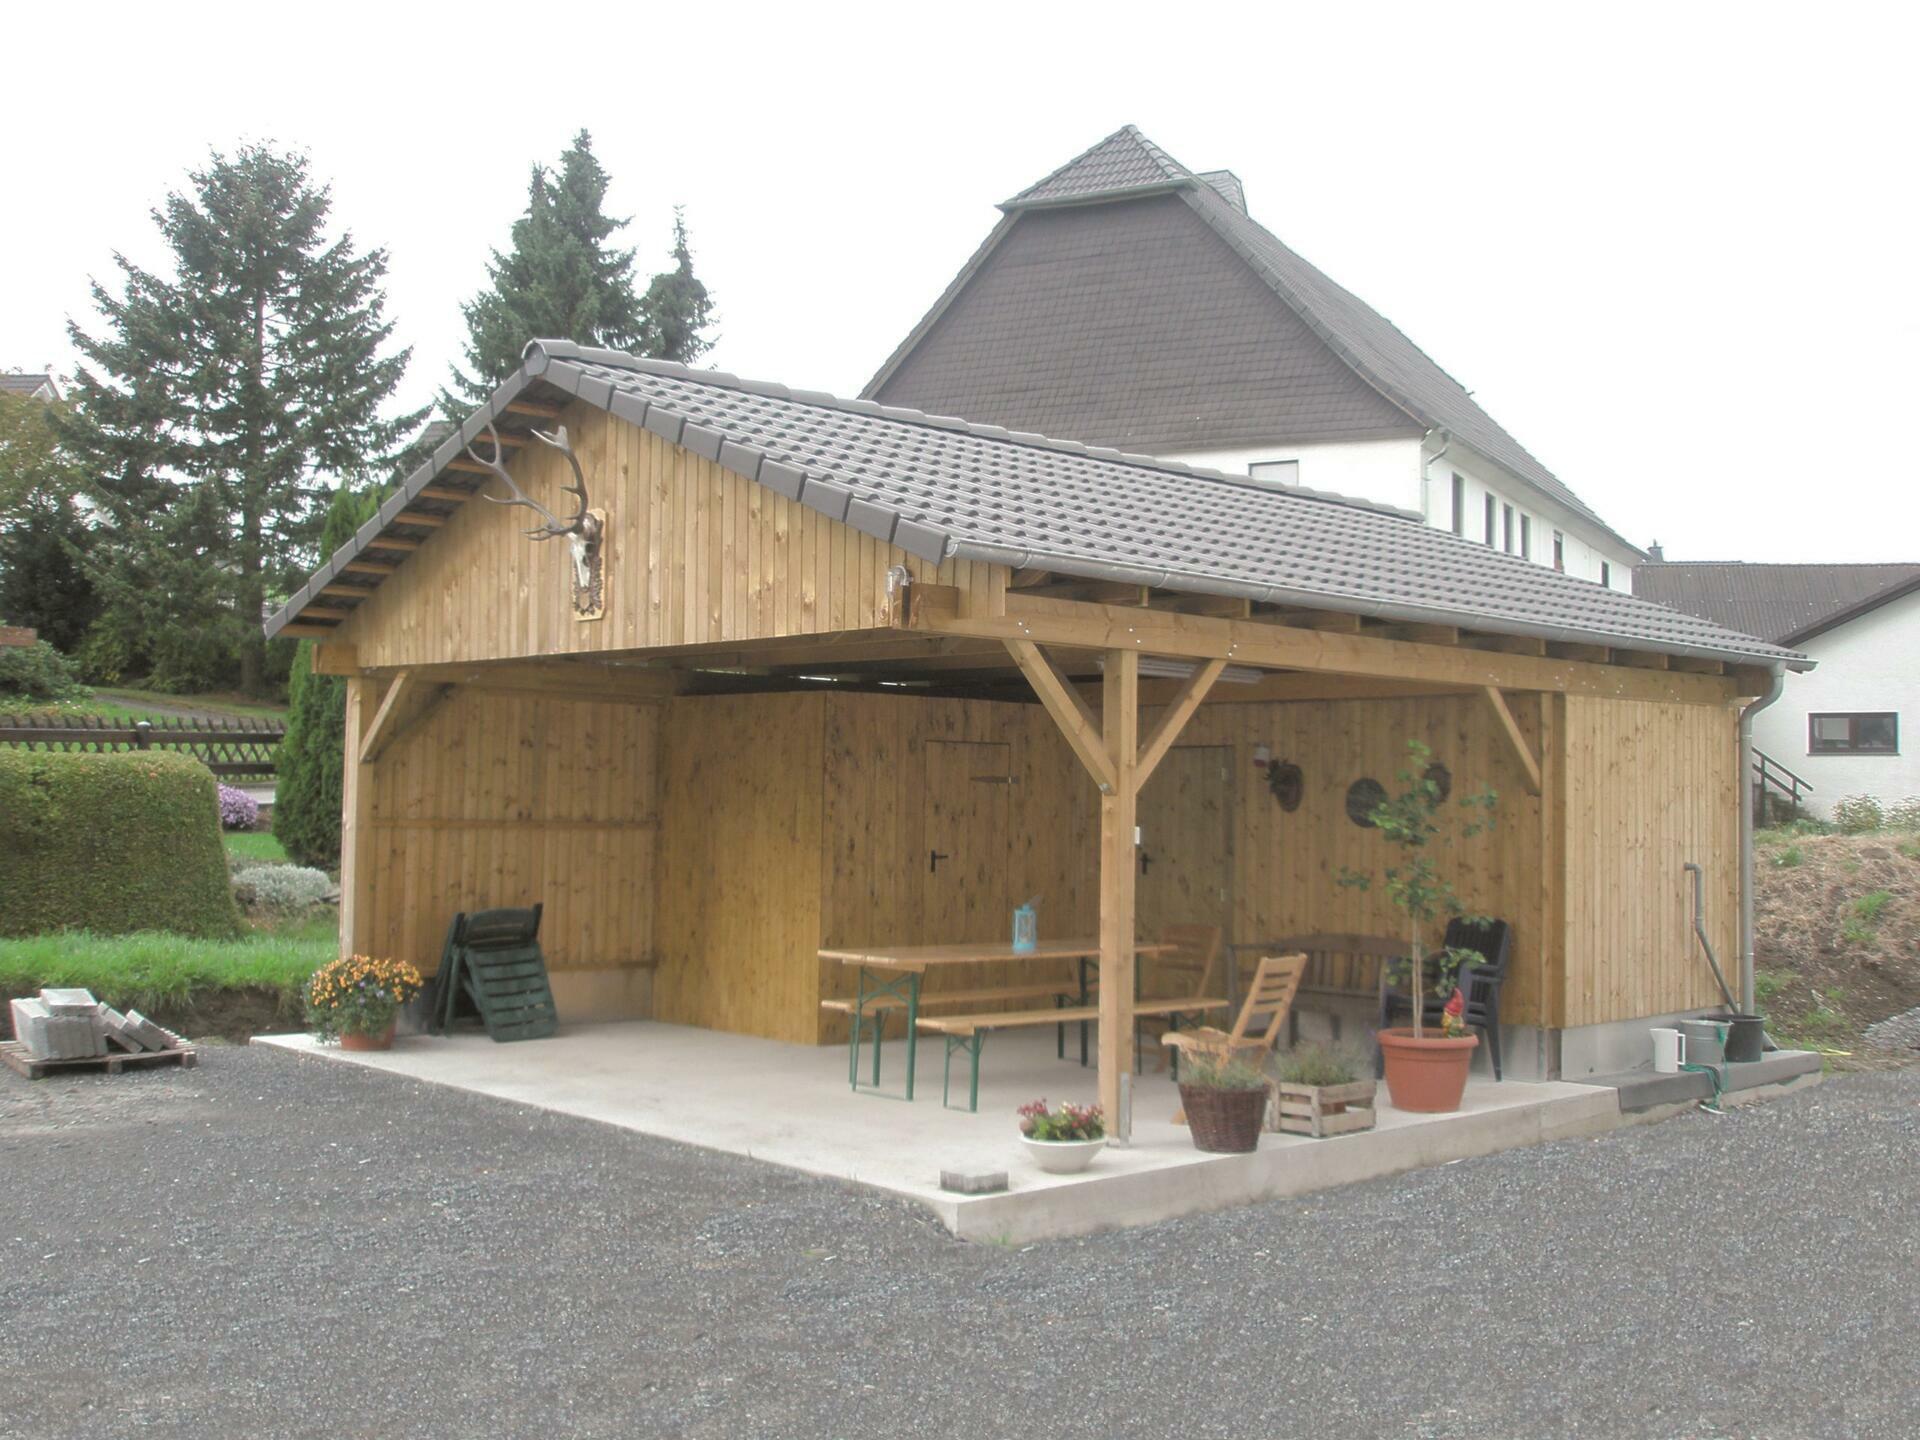 Sondercarport, genutzt als Laube mit Abstellraum und Statteldach, kesseldruck grün